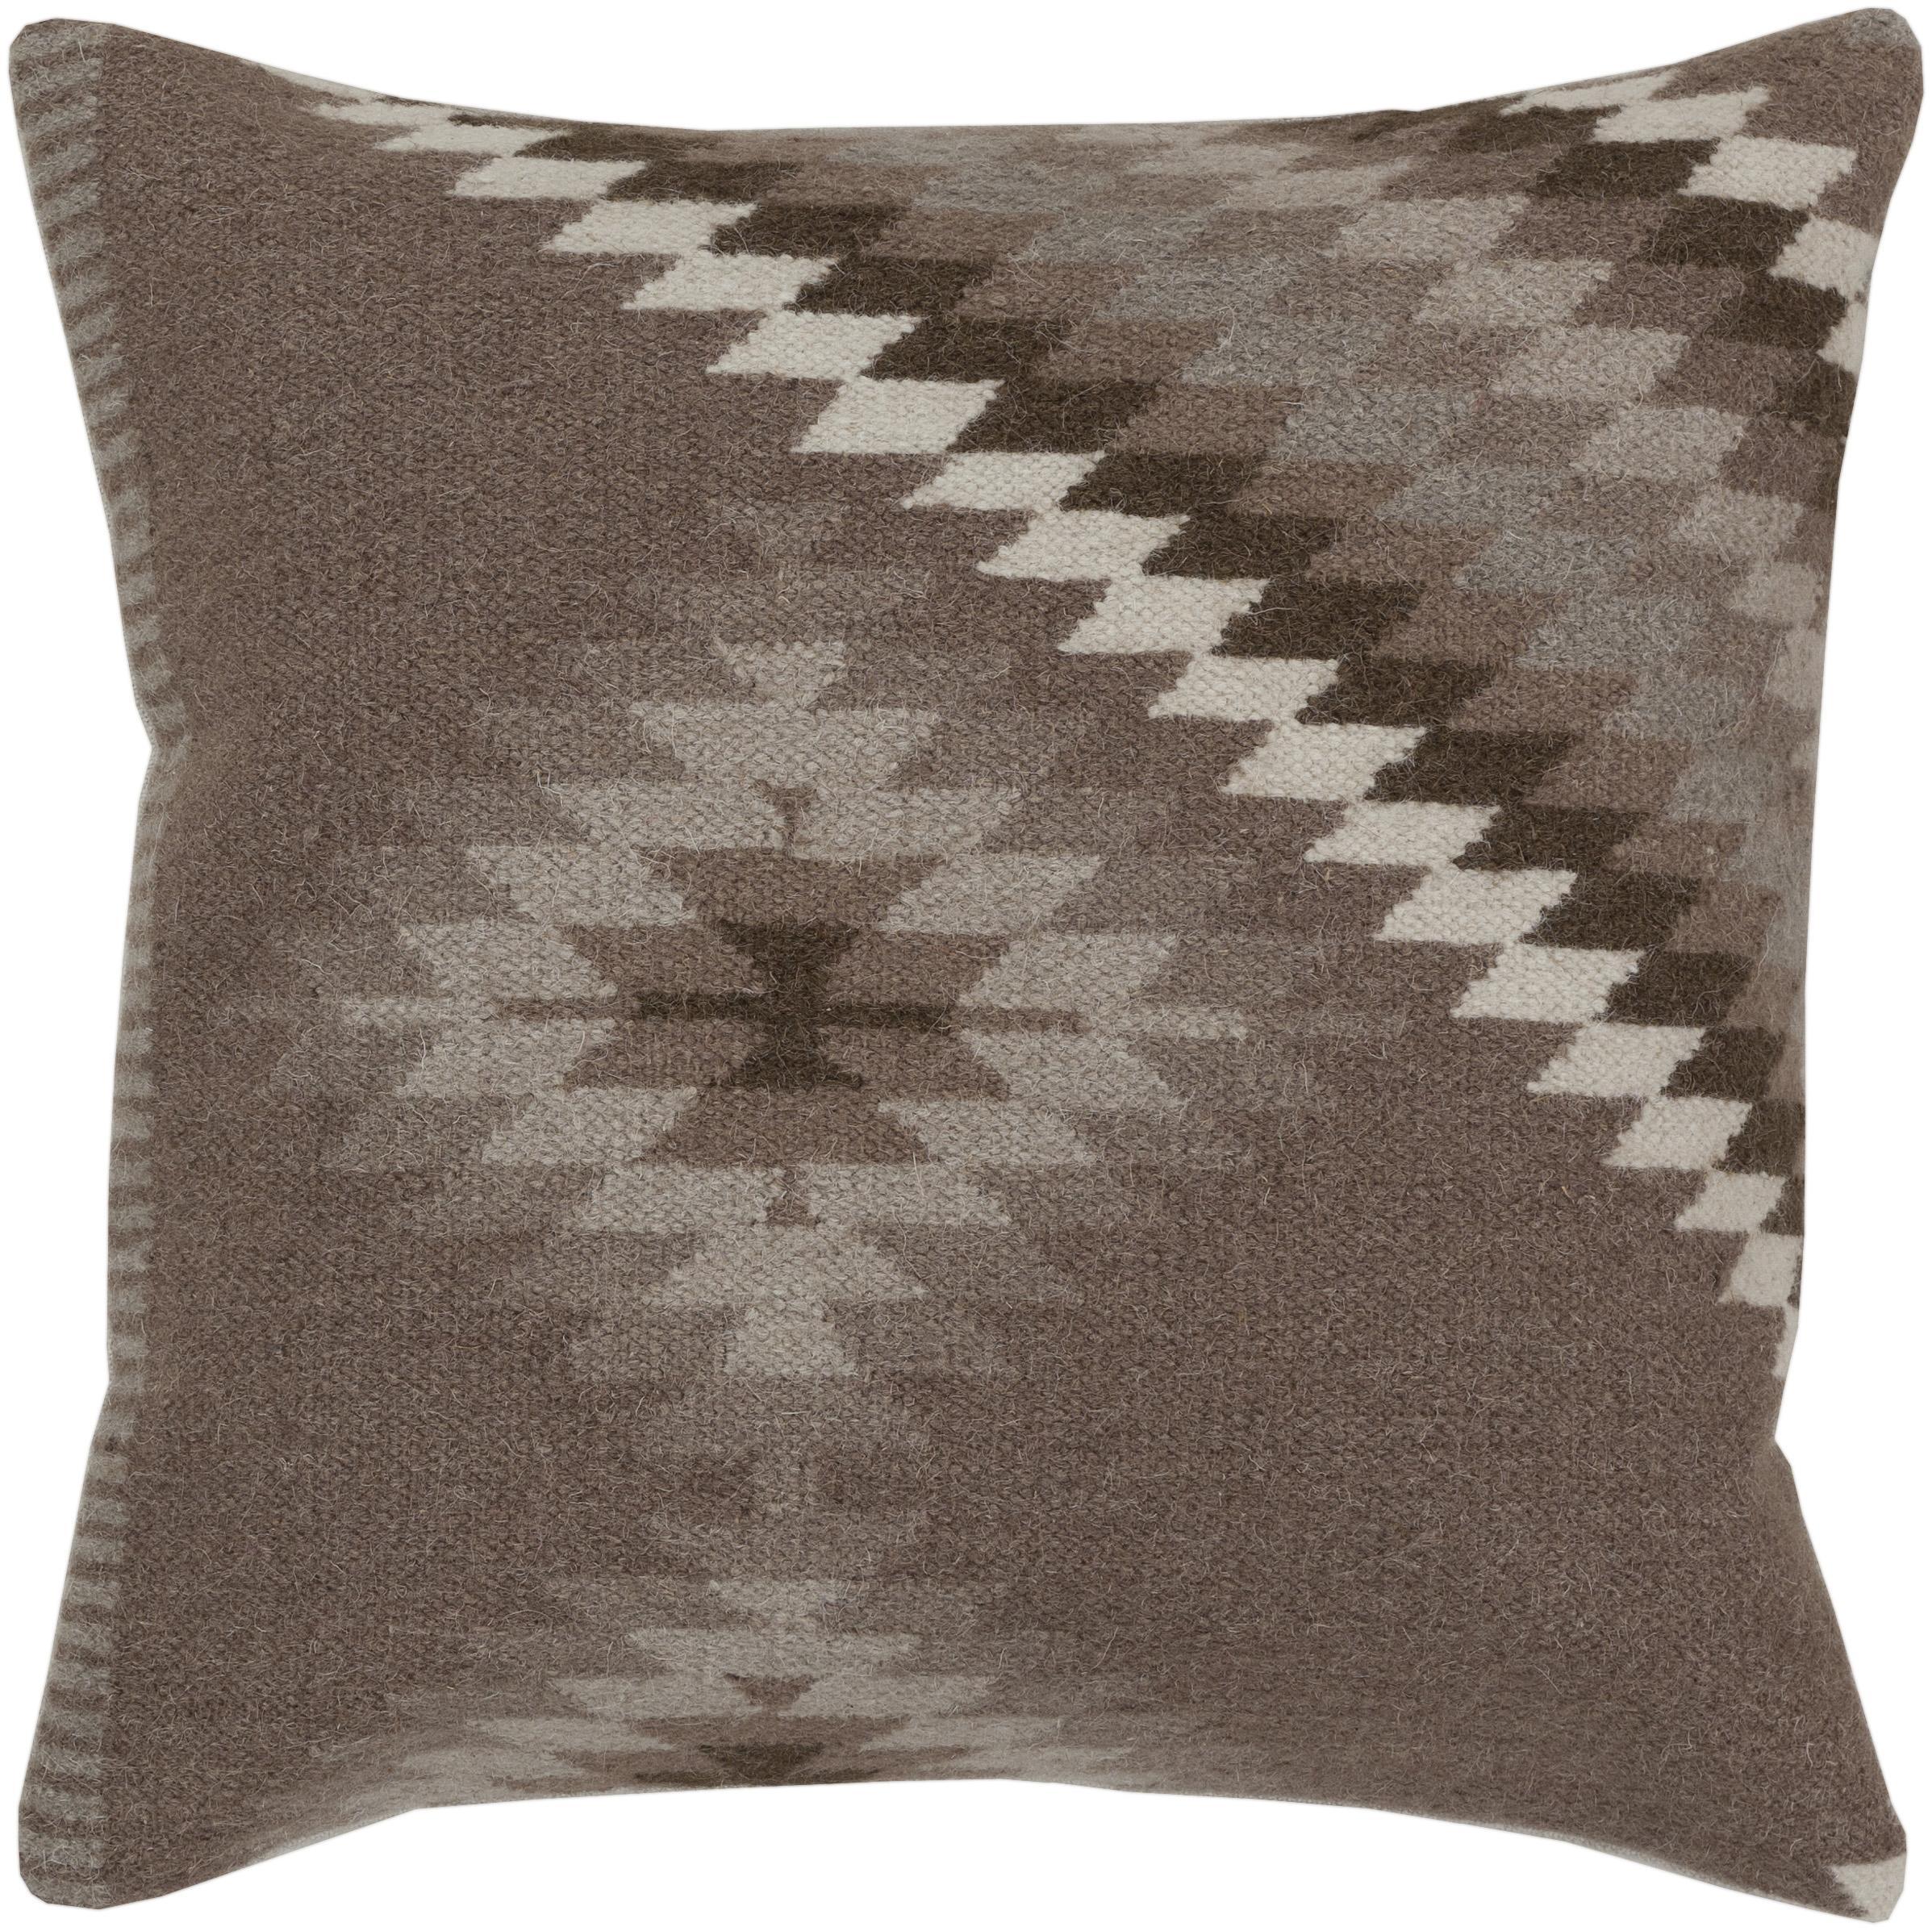 """Surya Pillows 20"""" x 20"""" Pillow - Item Number: LD038-2020P"""